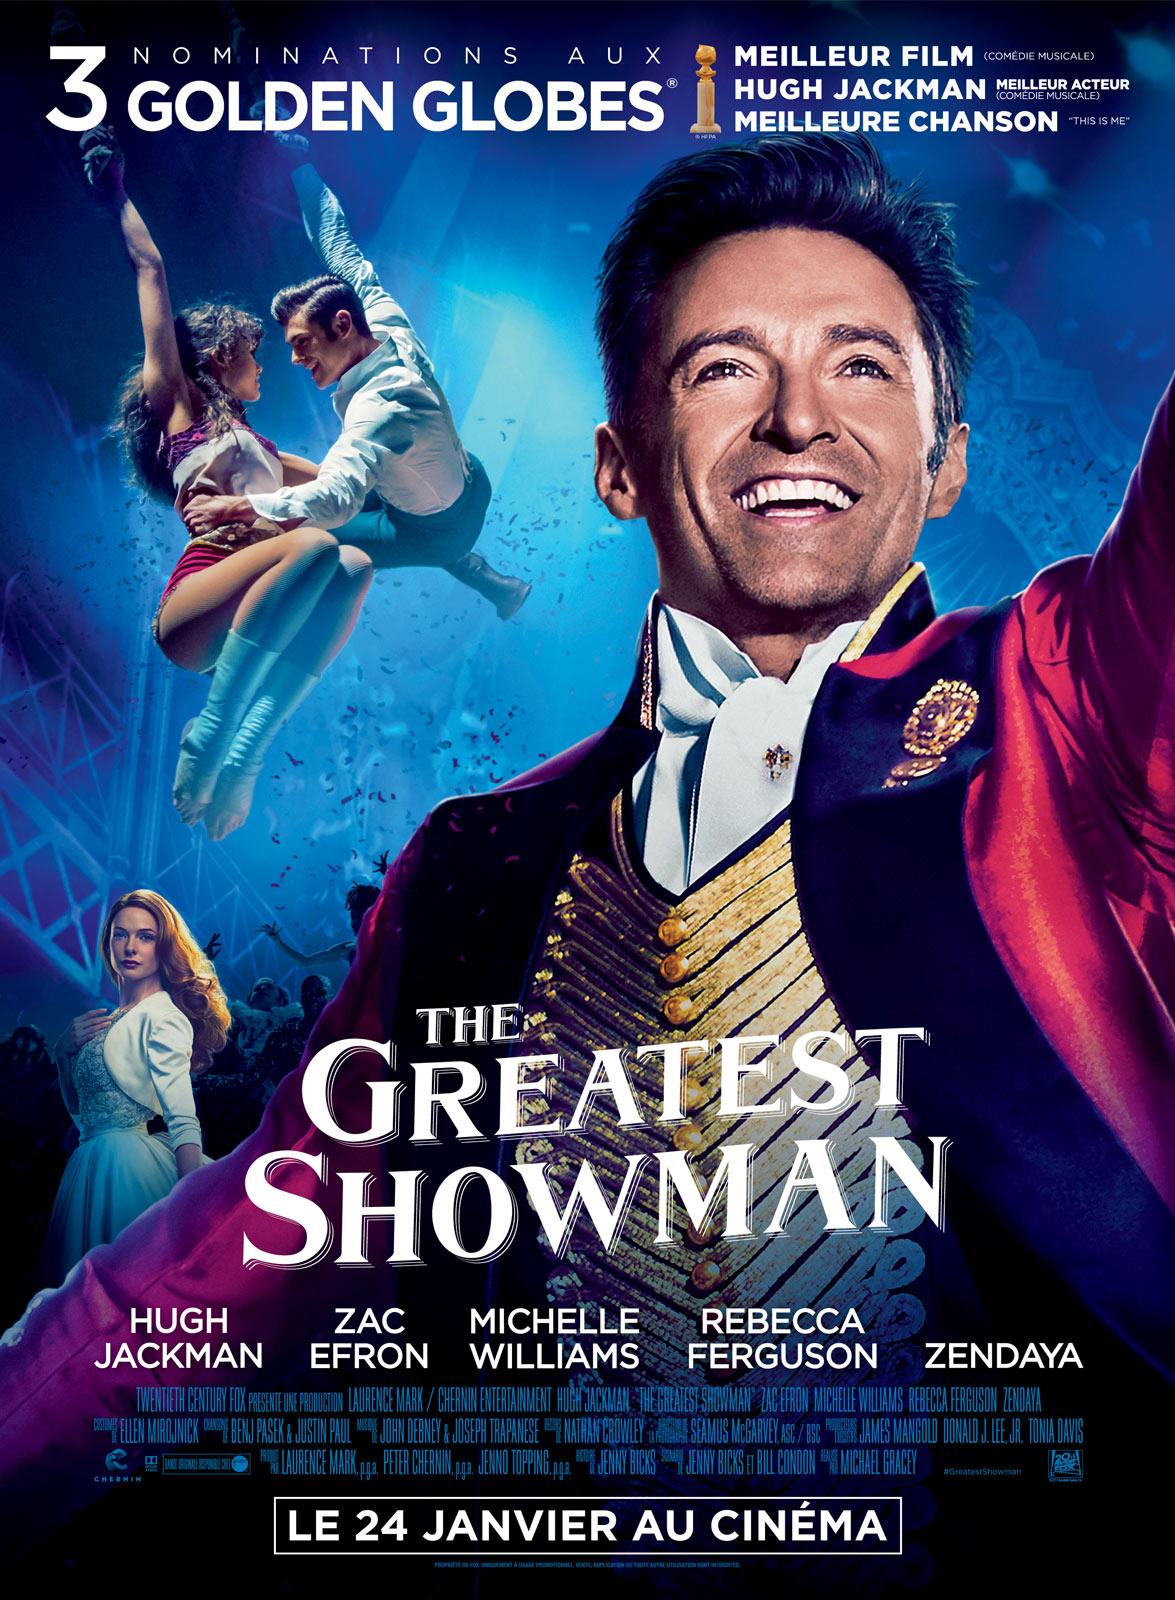 The Greatest Showman VOSTFR WEBRIP 2018